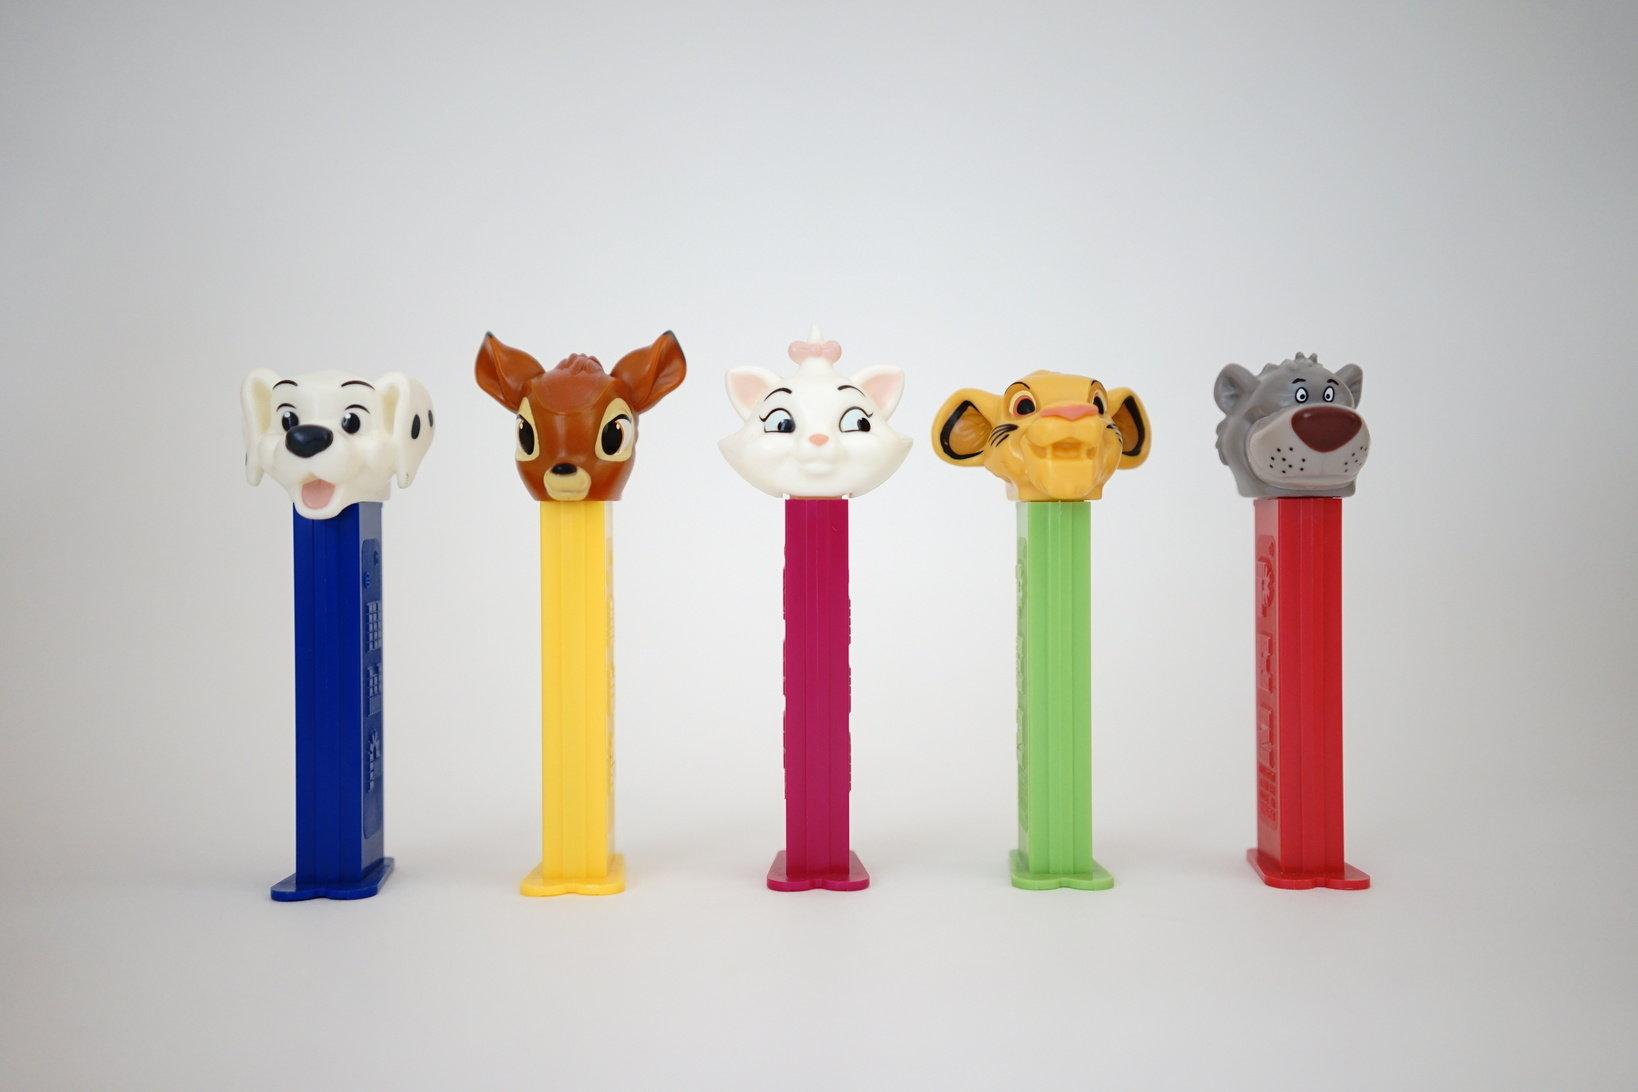 (左から)101匹わんちゃん、バンビ、マリー、シンバ、バルー